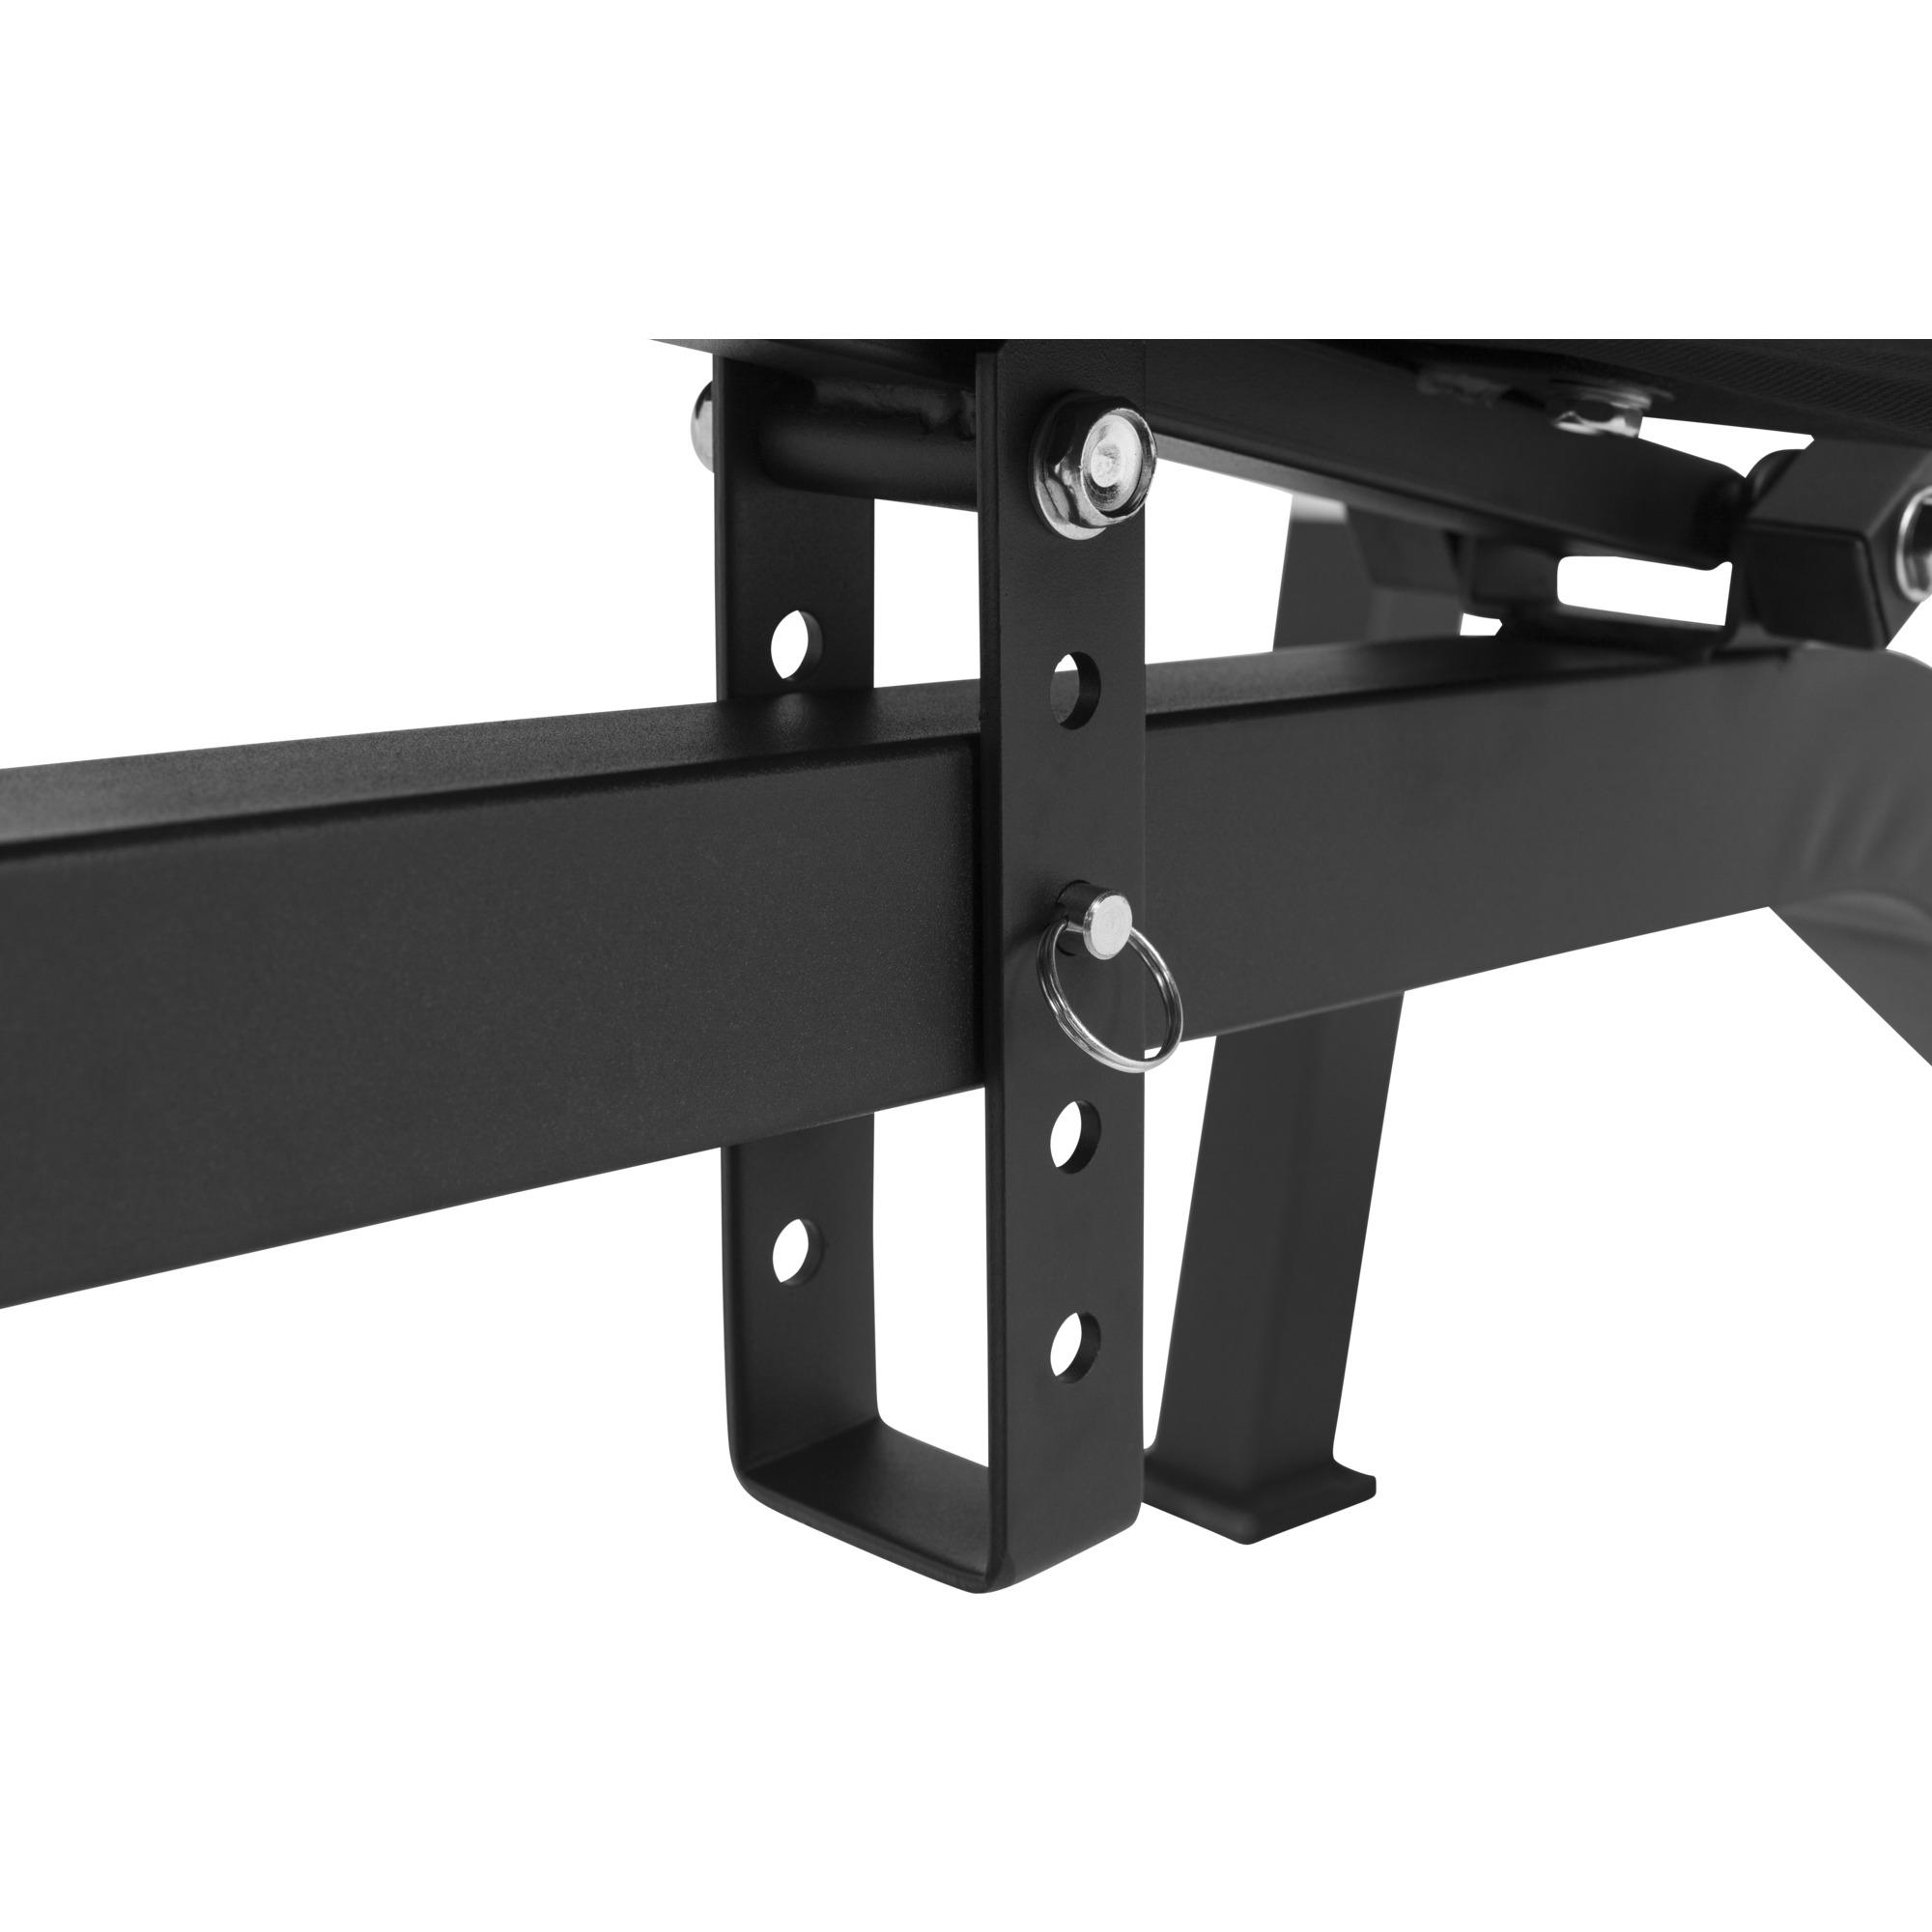 gorilla sports banc de musculation avec repose barre s par noir ou blanc ebay. Black Bedroom Furniture Sets. Home Design Ideas